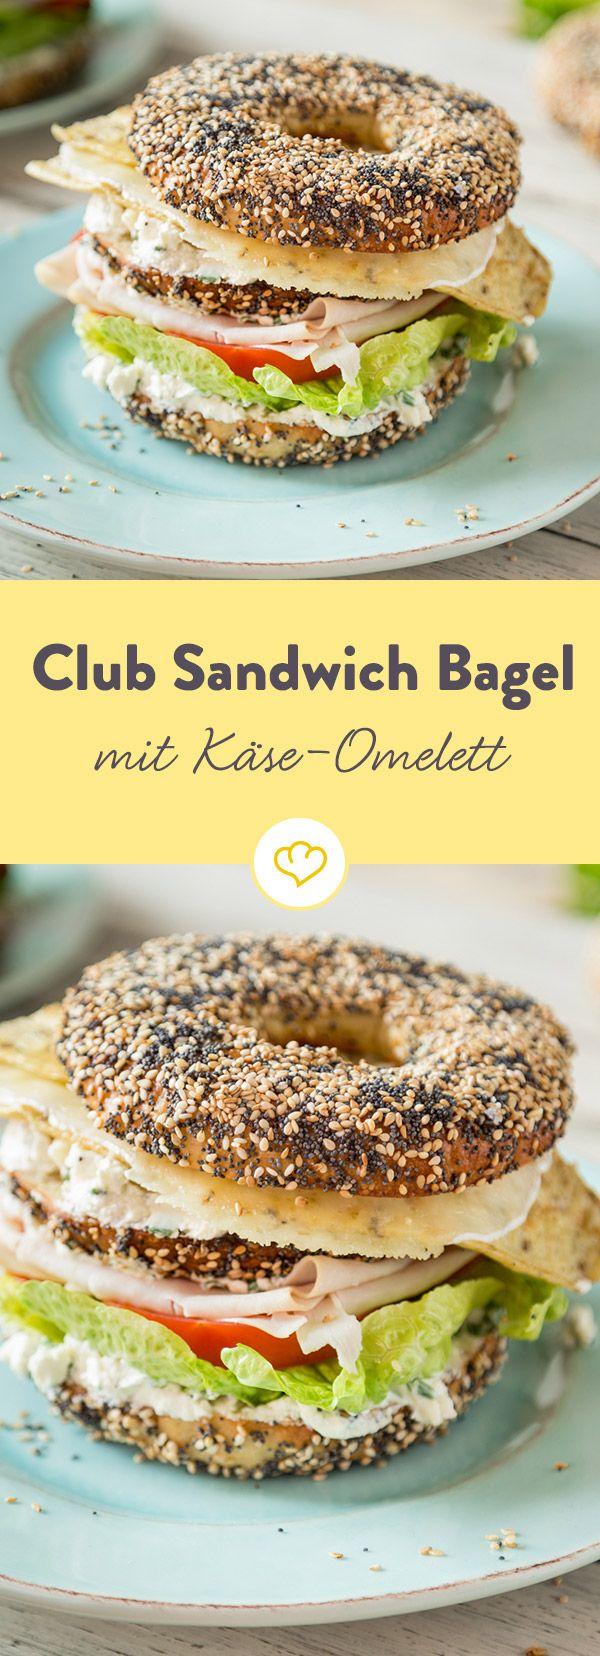 Hoch hinaus: Club Sandwich Bagels mit Käse-Omelett #sandwichrecipes